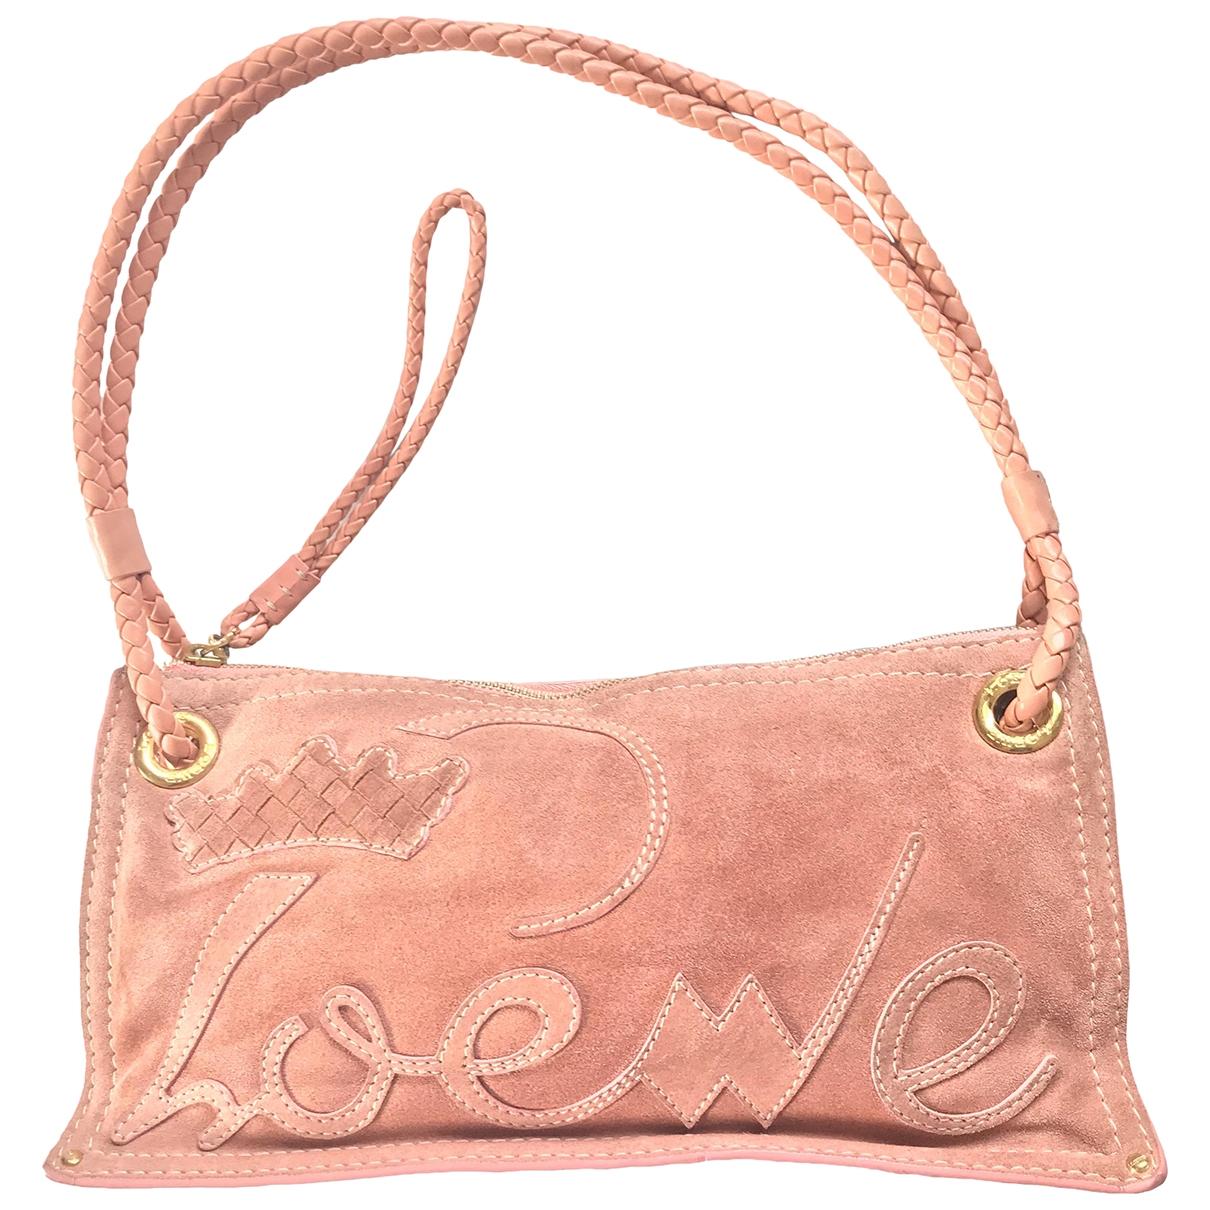 Loewe N Pink Suede handbag for Women N